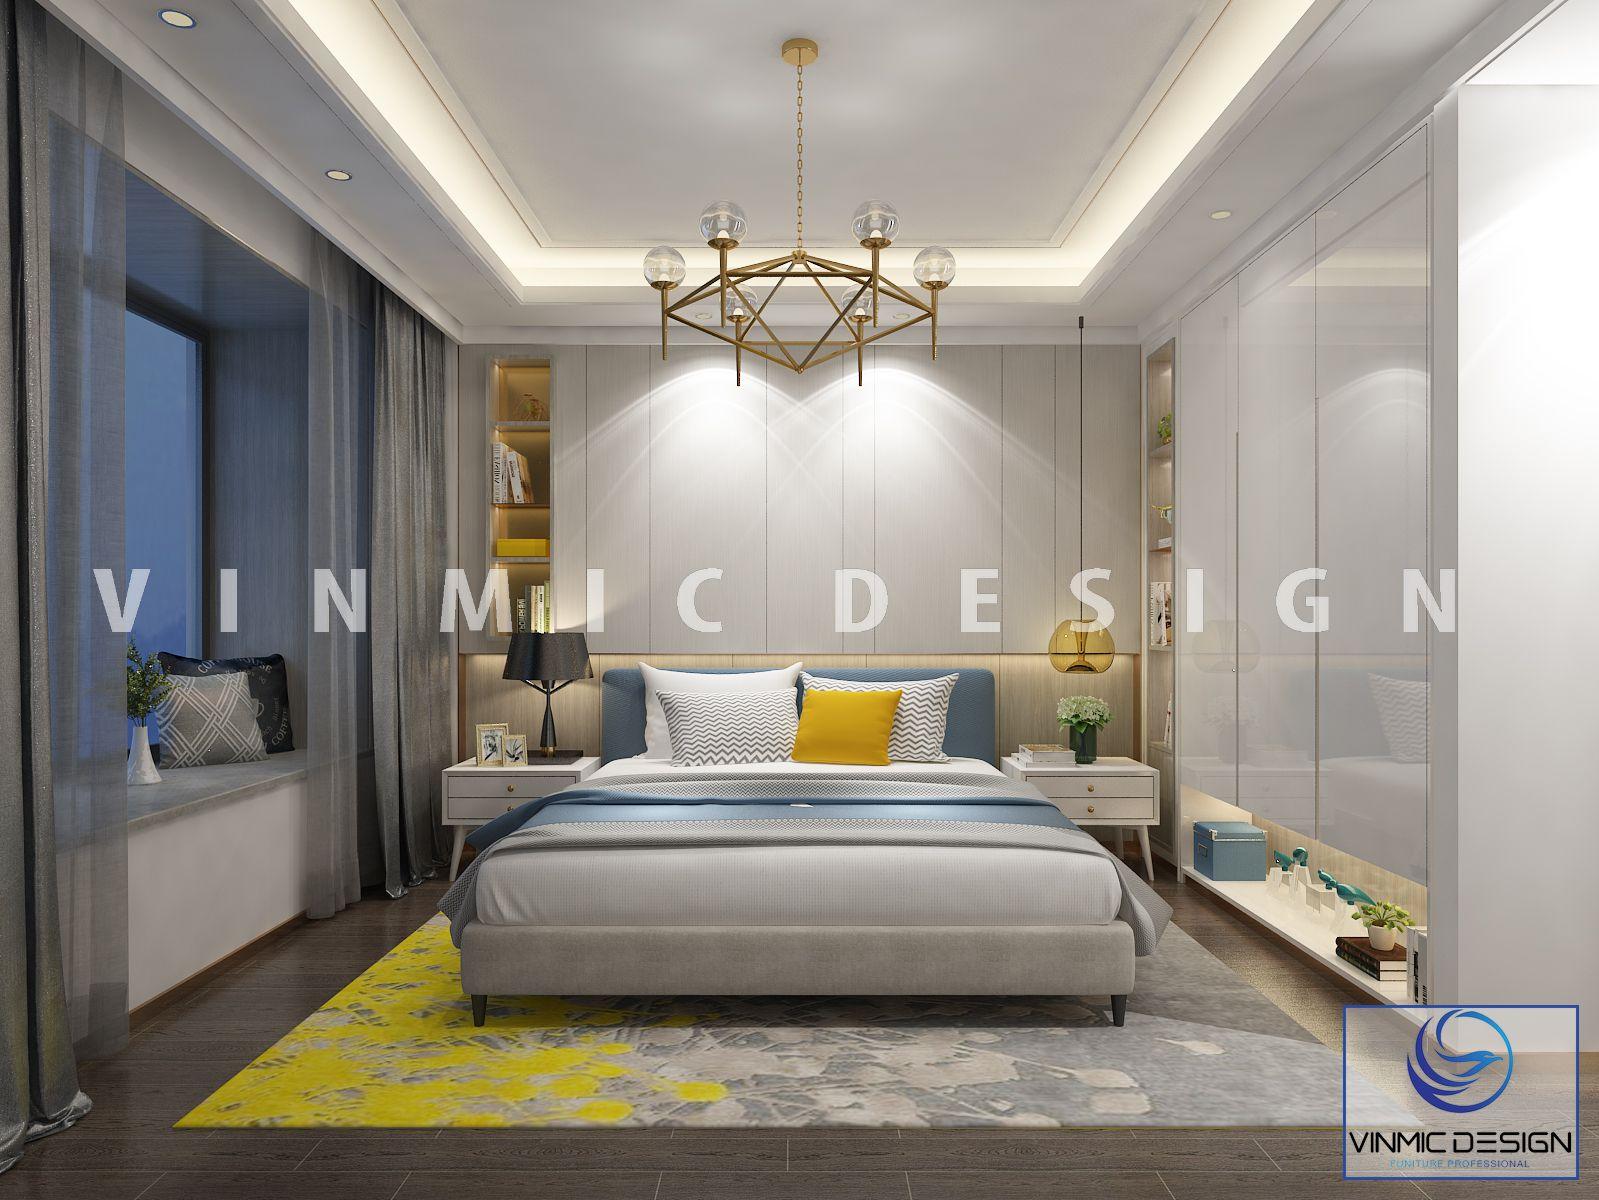 Thiết kế nội thất phòng ngủ đẹp với tone màu vàng trẻ trung, hiện đại